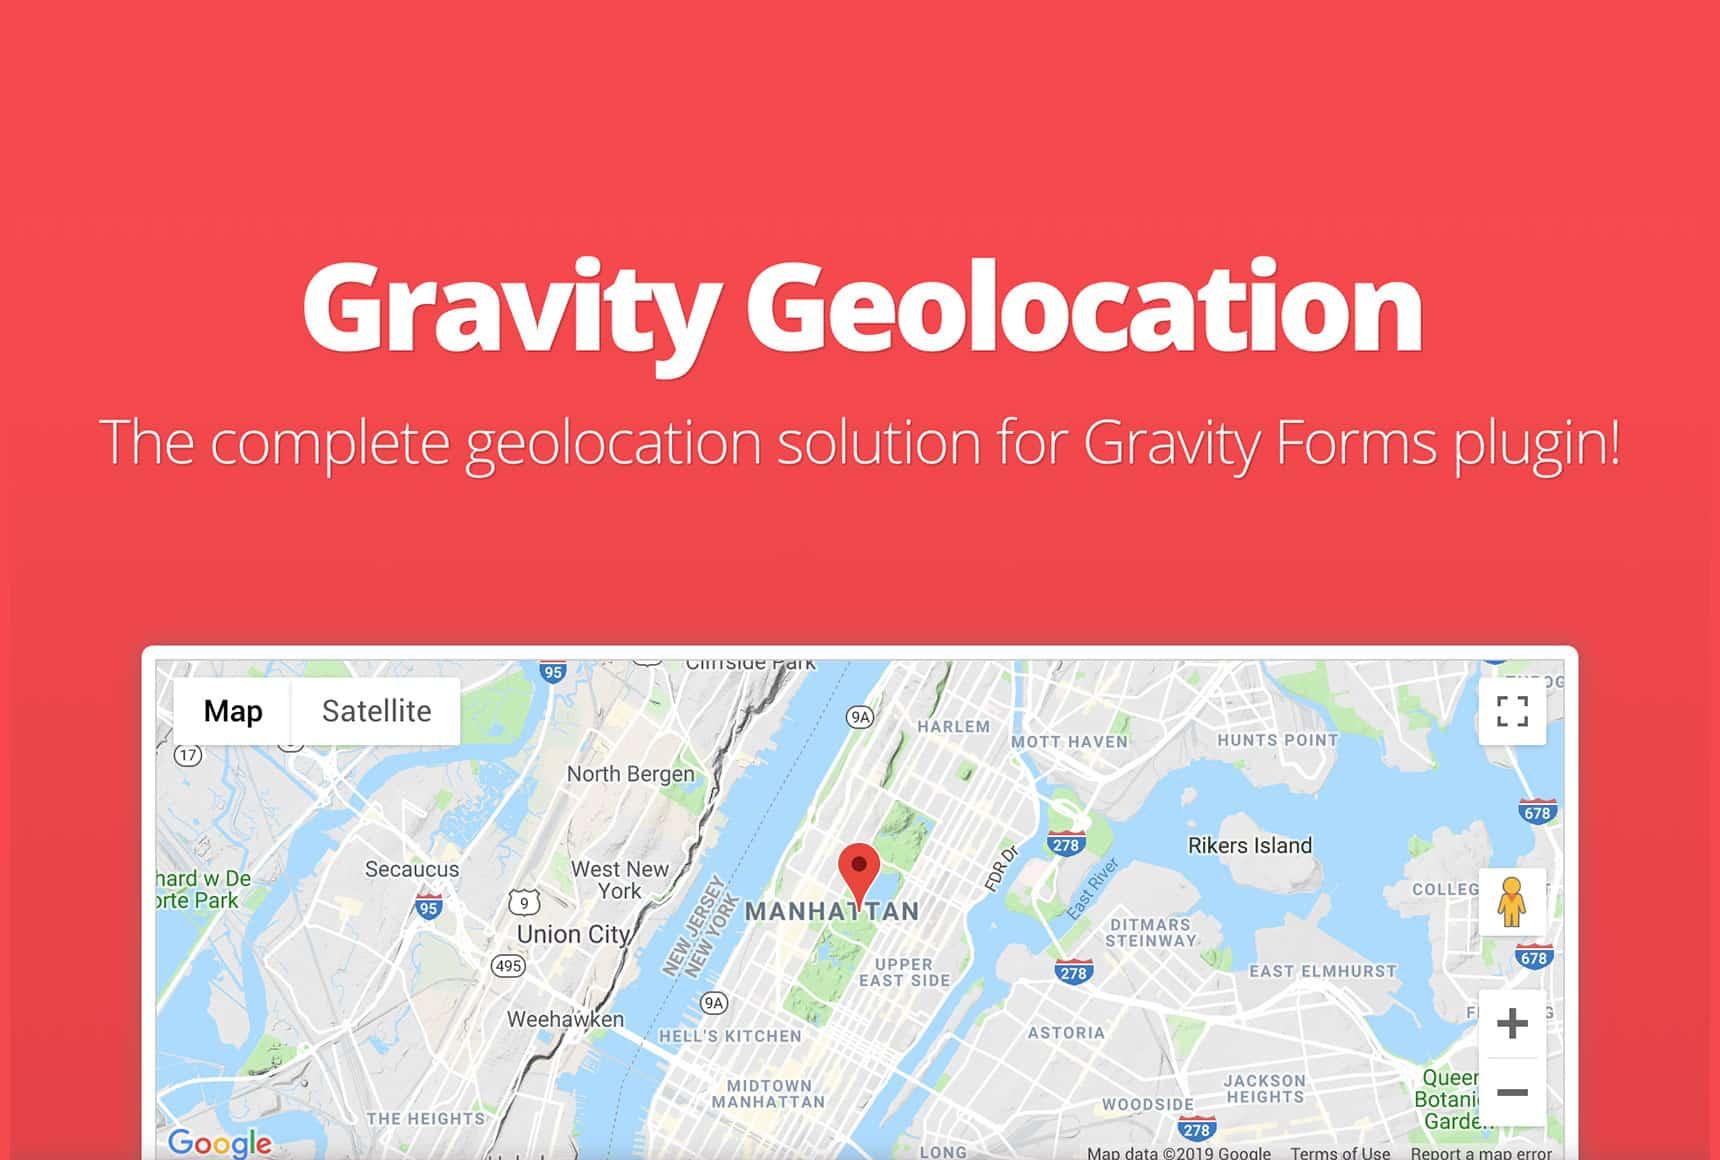 دانلود افزونه وردپرس Gravity Geolocation برای گرویتی فرم